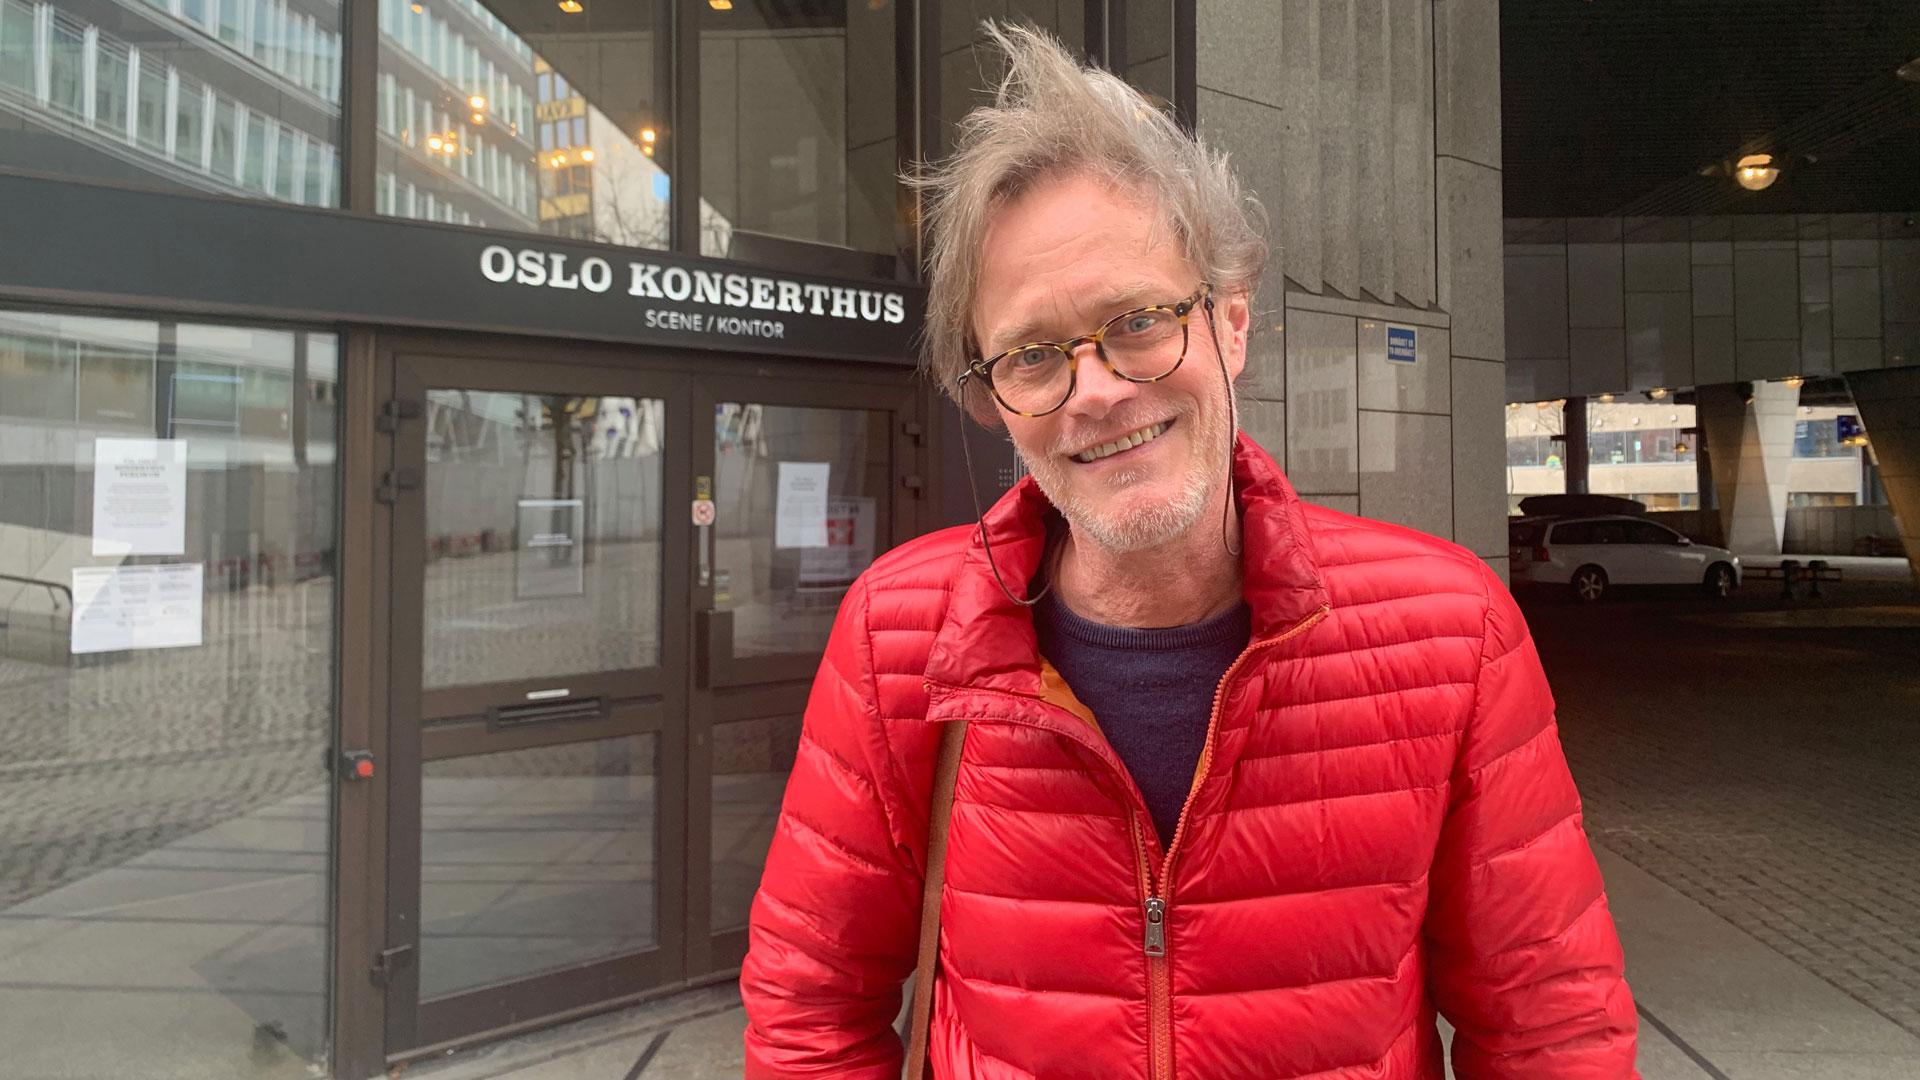 Jørgen Roll, Oslo Konserthus